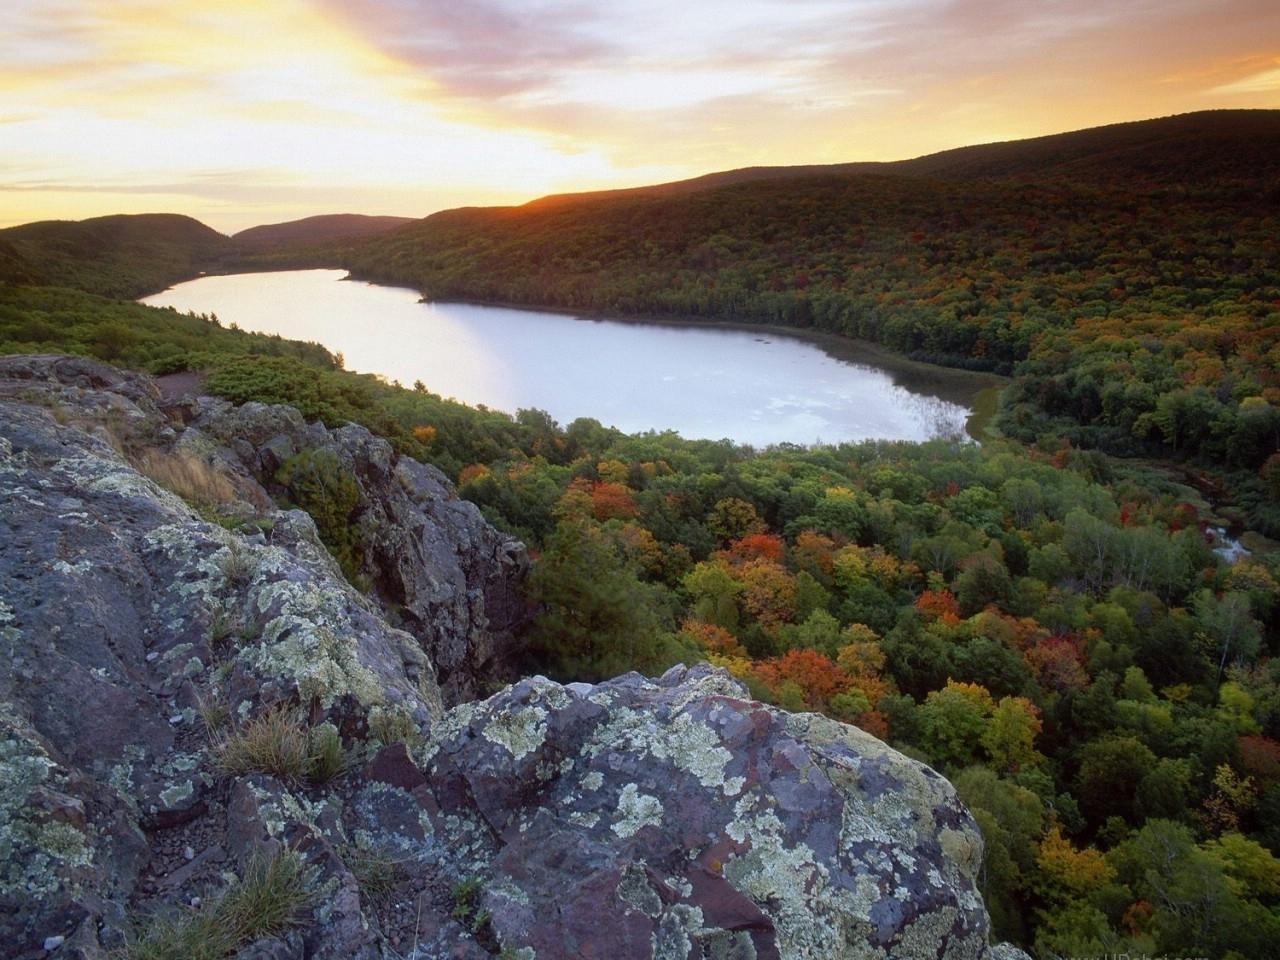 23415 скачать обои Пейзаж, Река, Деревья - заставки и картинки бесплатно